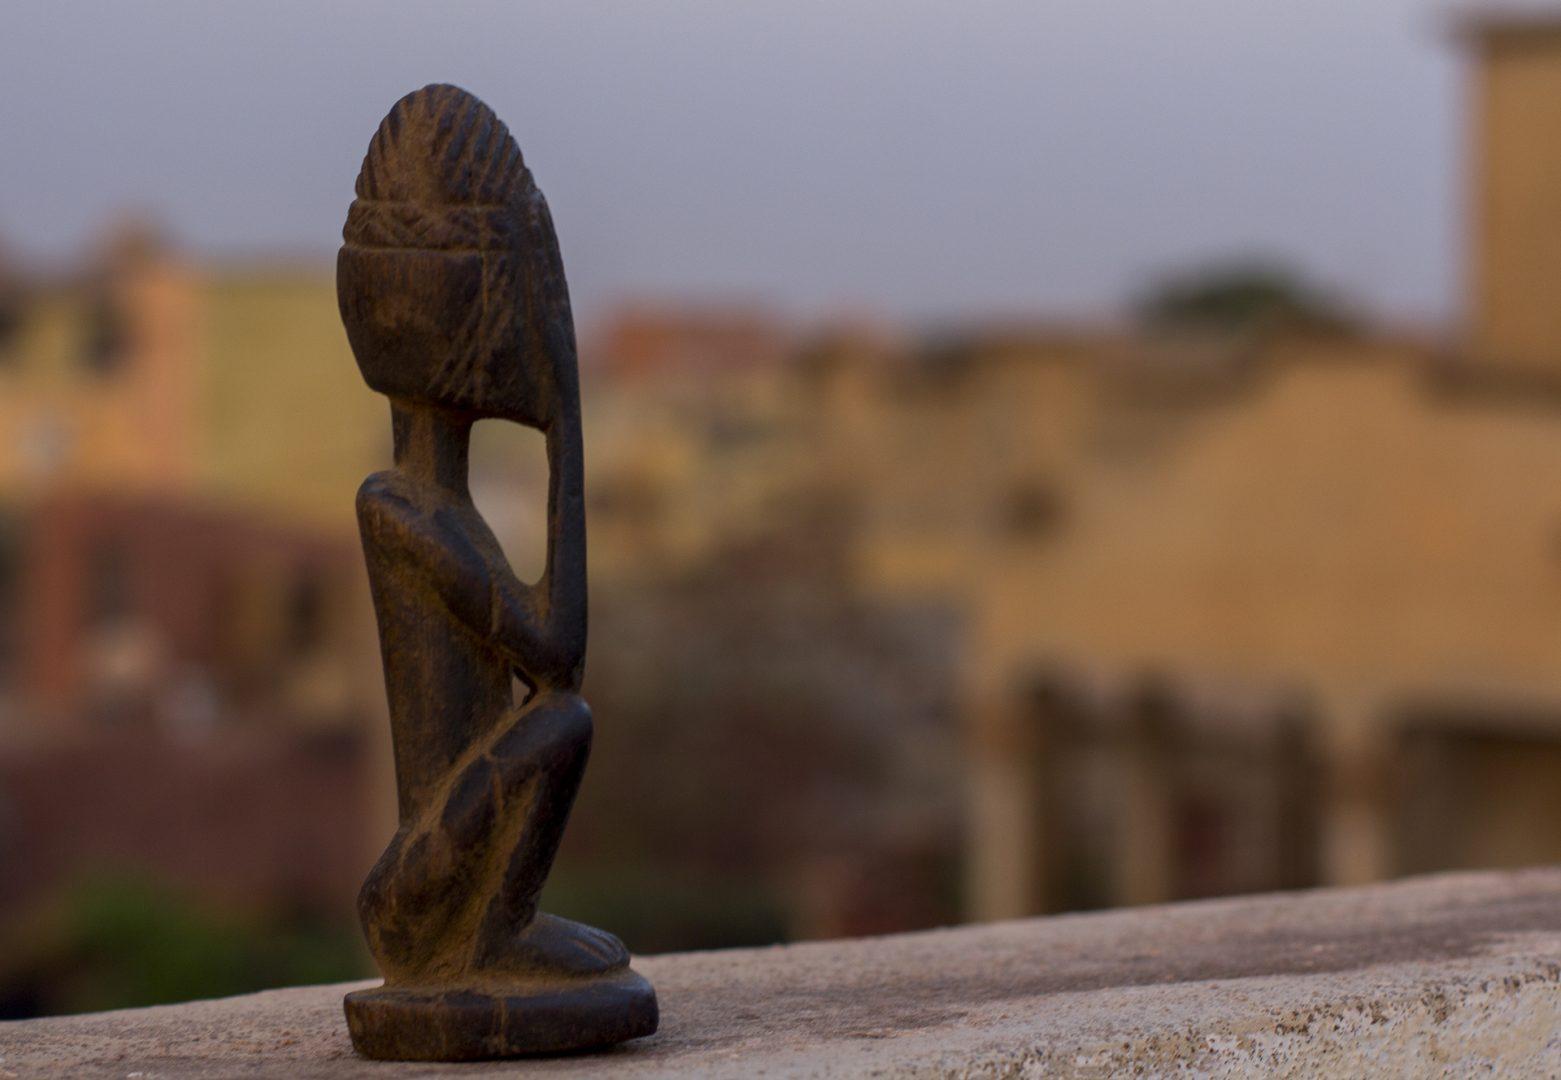 arte dogon ebano pablocaminante 1561x1080 - Malí 8, País Dogon V: moda, arte y religión